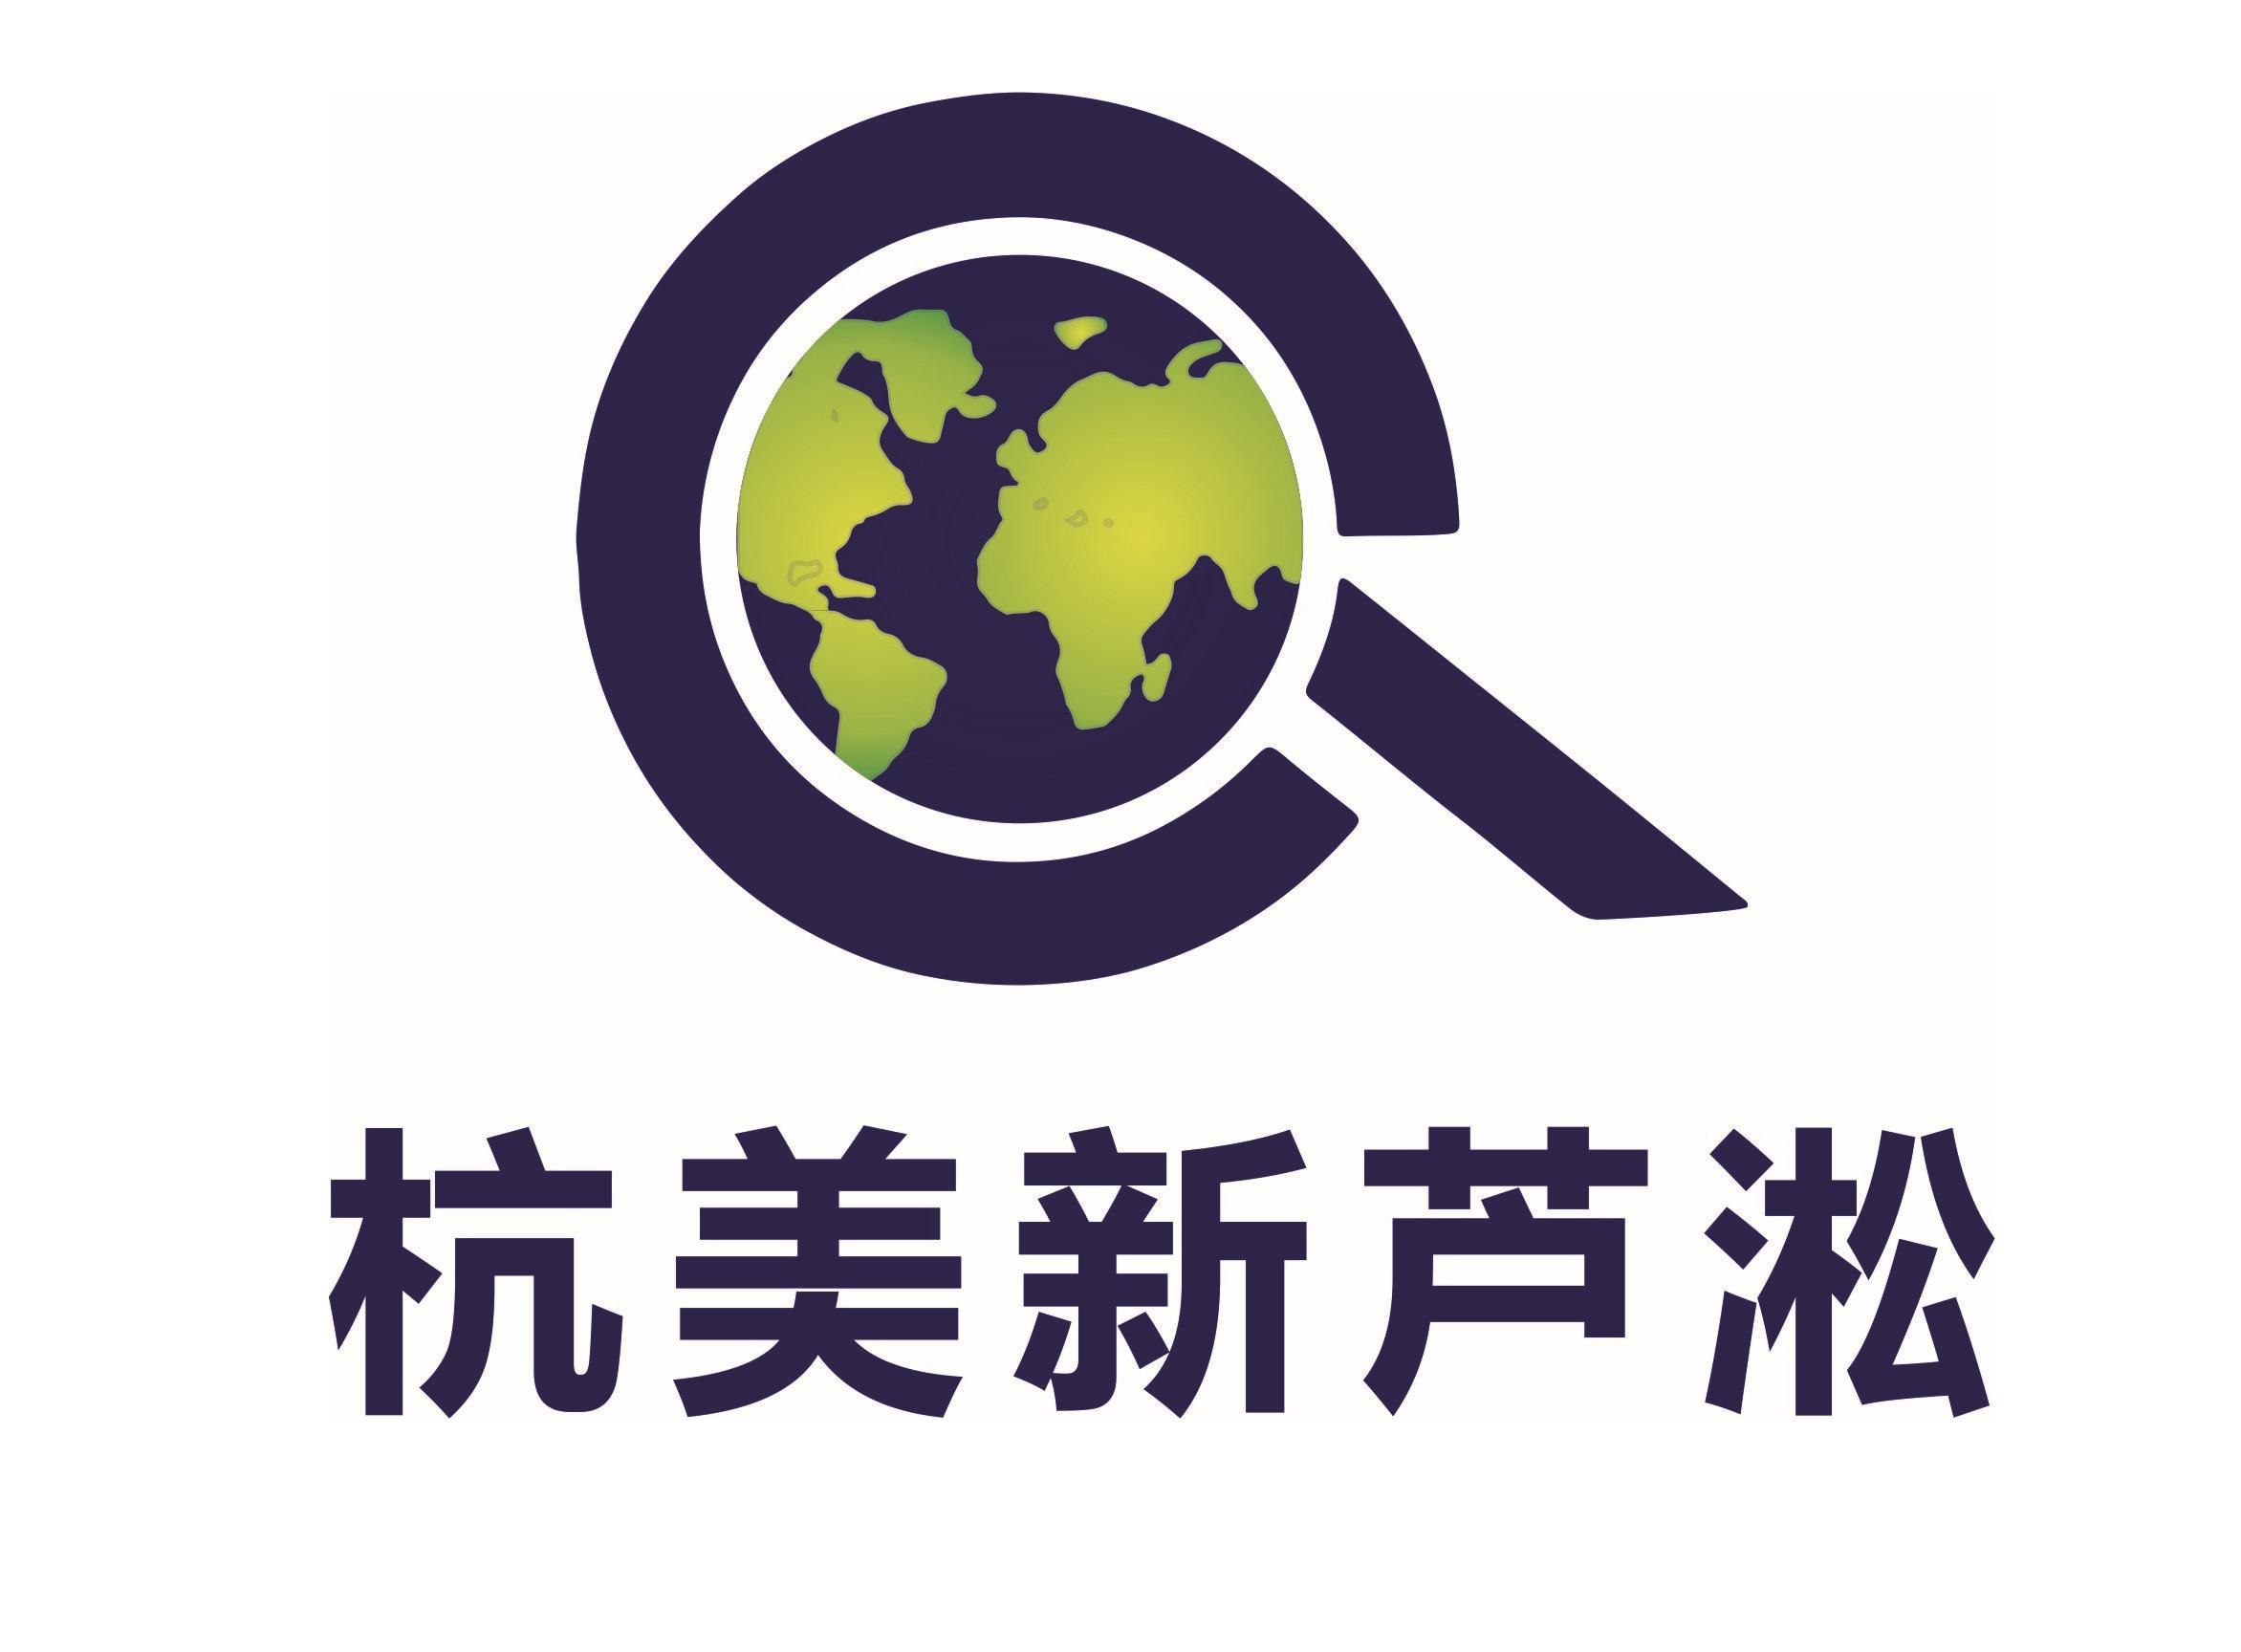 株洲杭美新芦淞技术检测有限责任公司